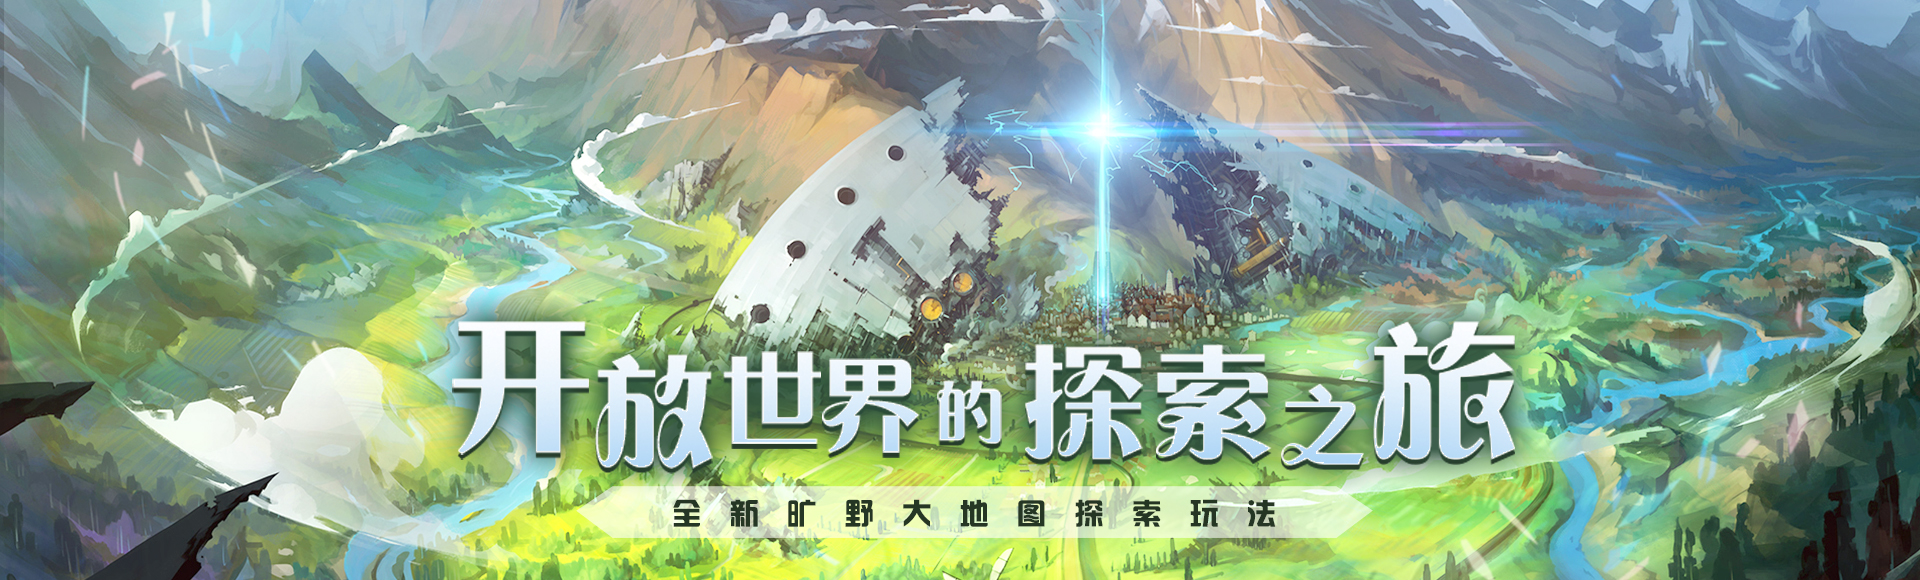 智竹游戏天姬变官方下载